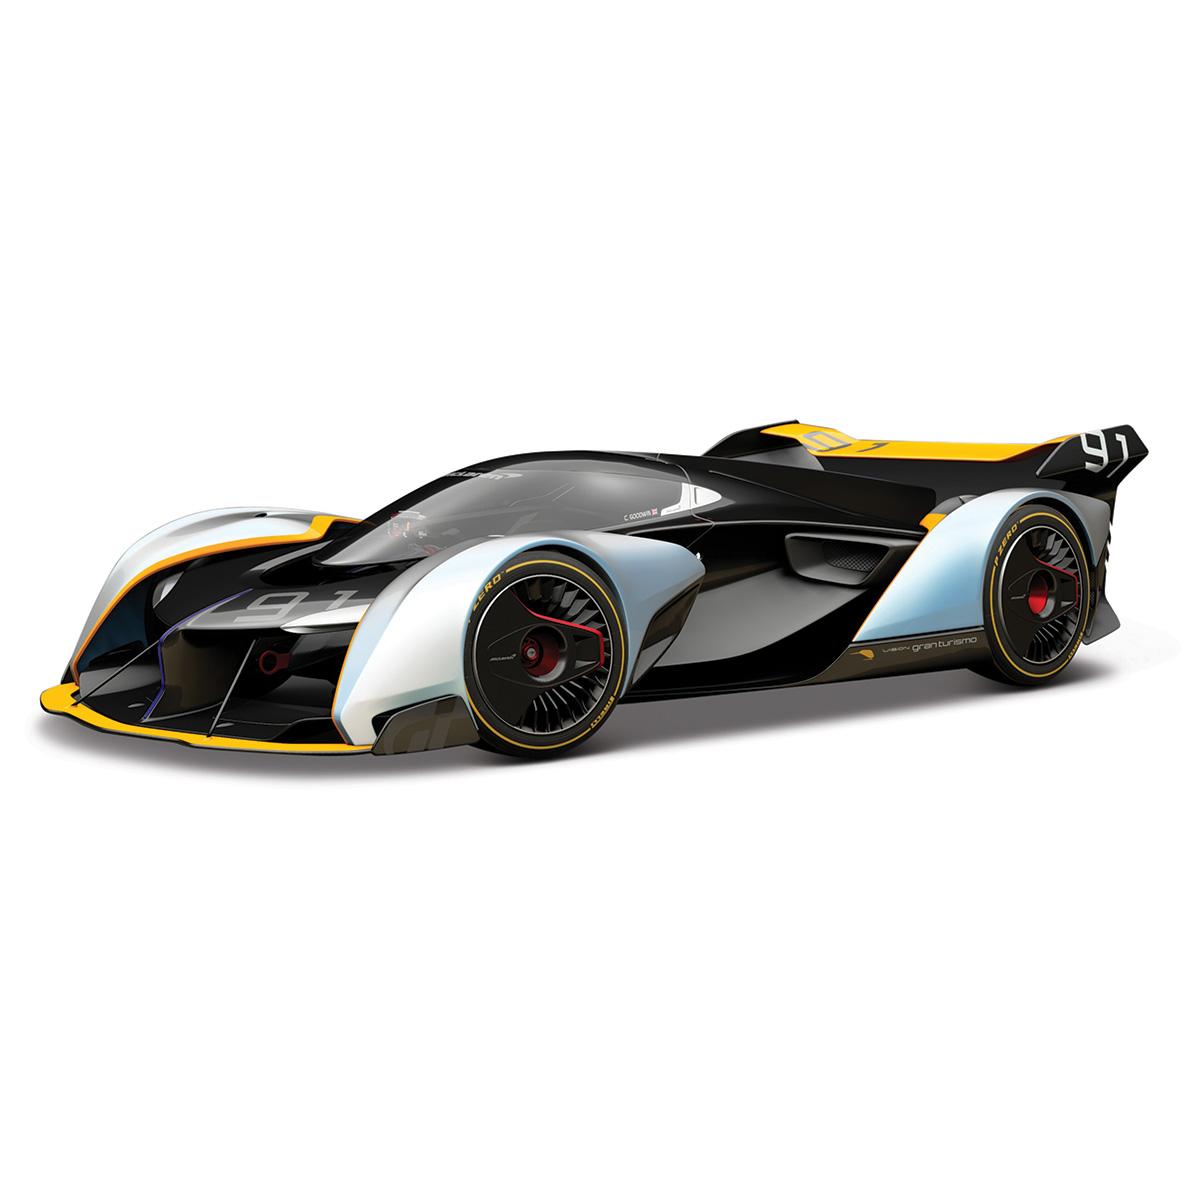 Masinuta Maisto Nissan Gran Turismo. 1:32. Negru